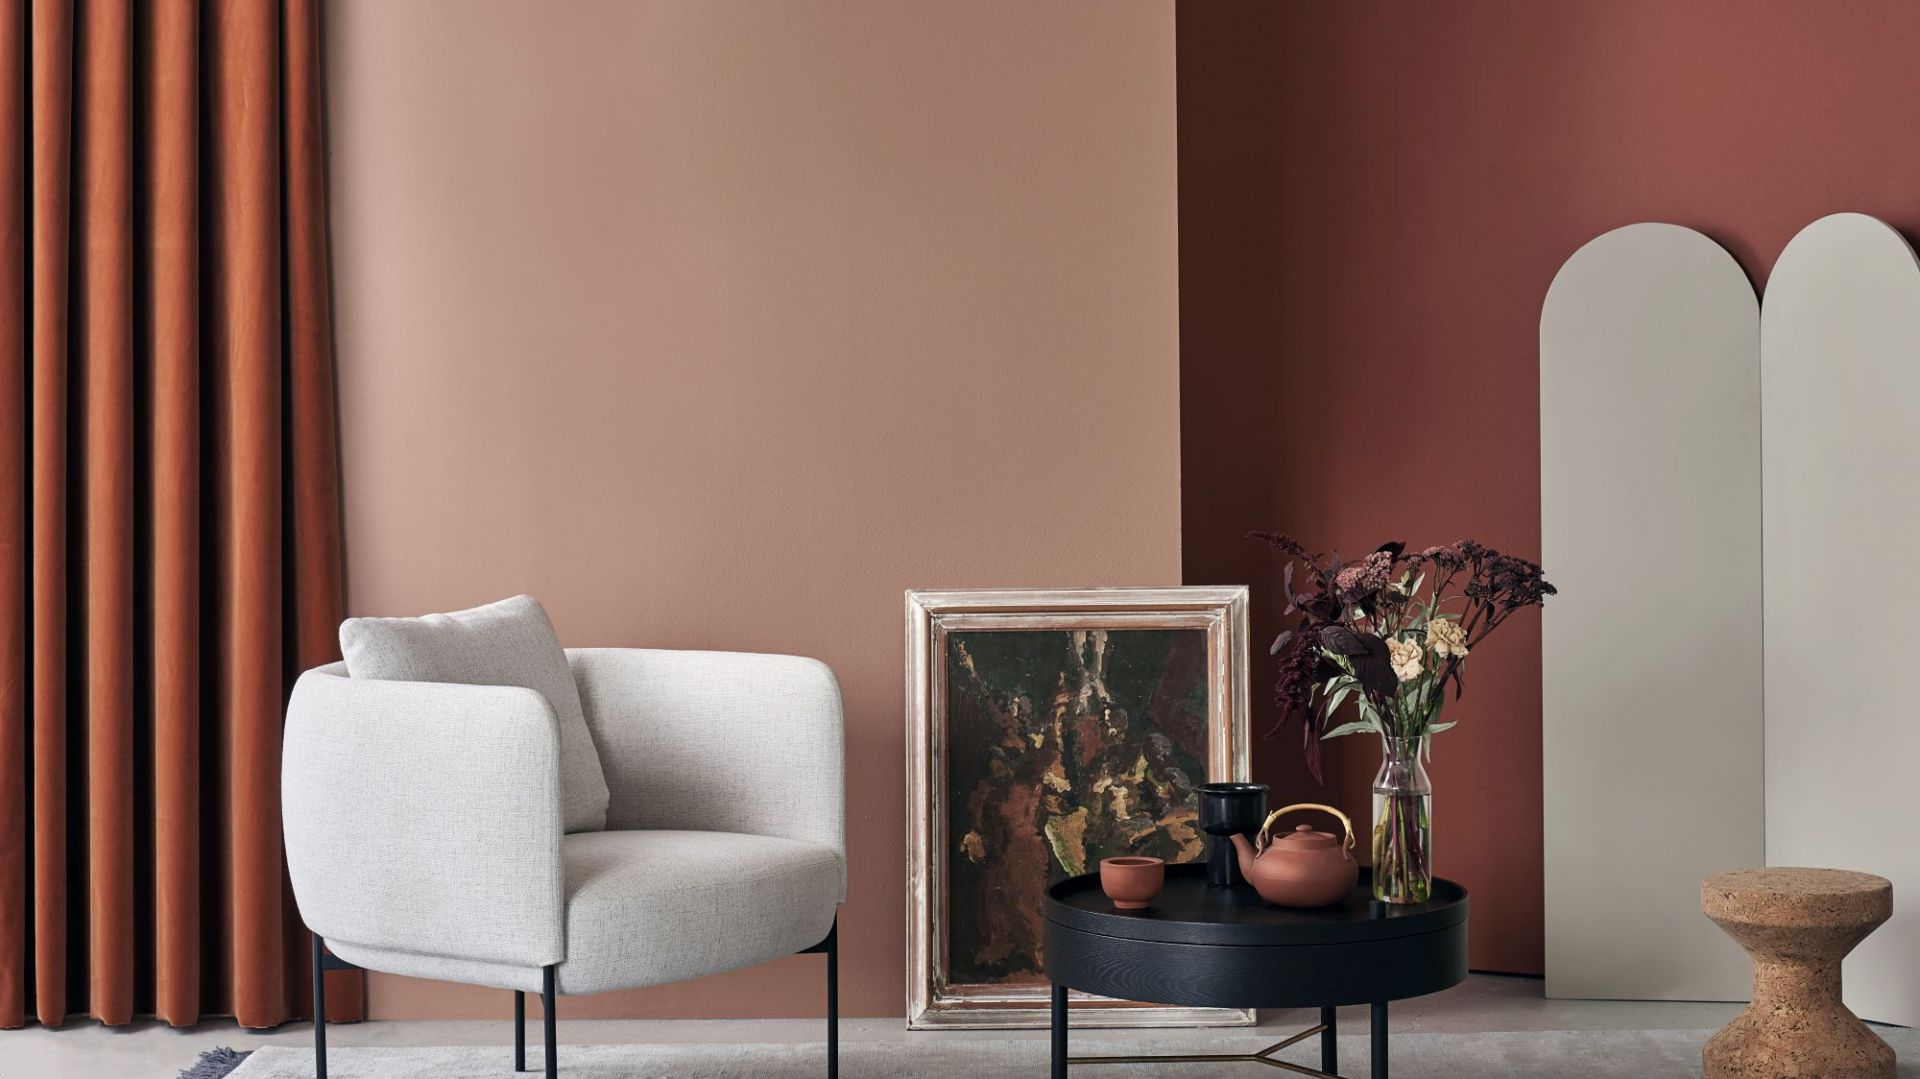 Kompozycja odcieni N405 Terracotta i S471 Etruscan z palety farb Tikkurila Minerals. Fot. Tikkurila